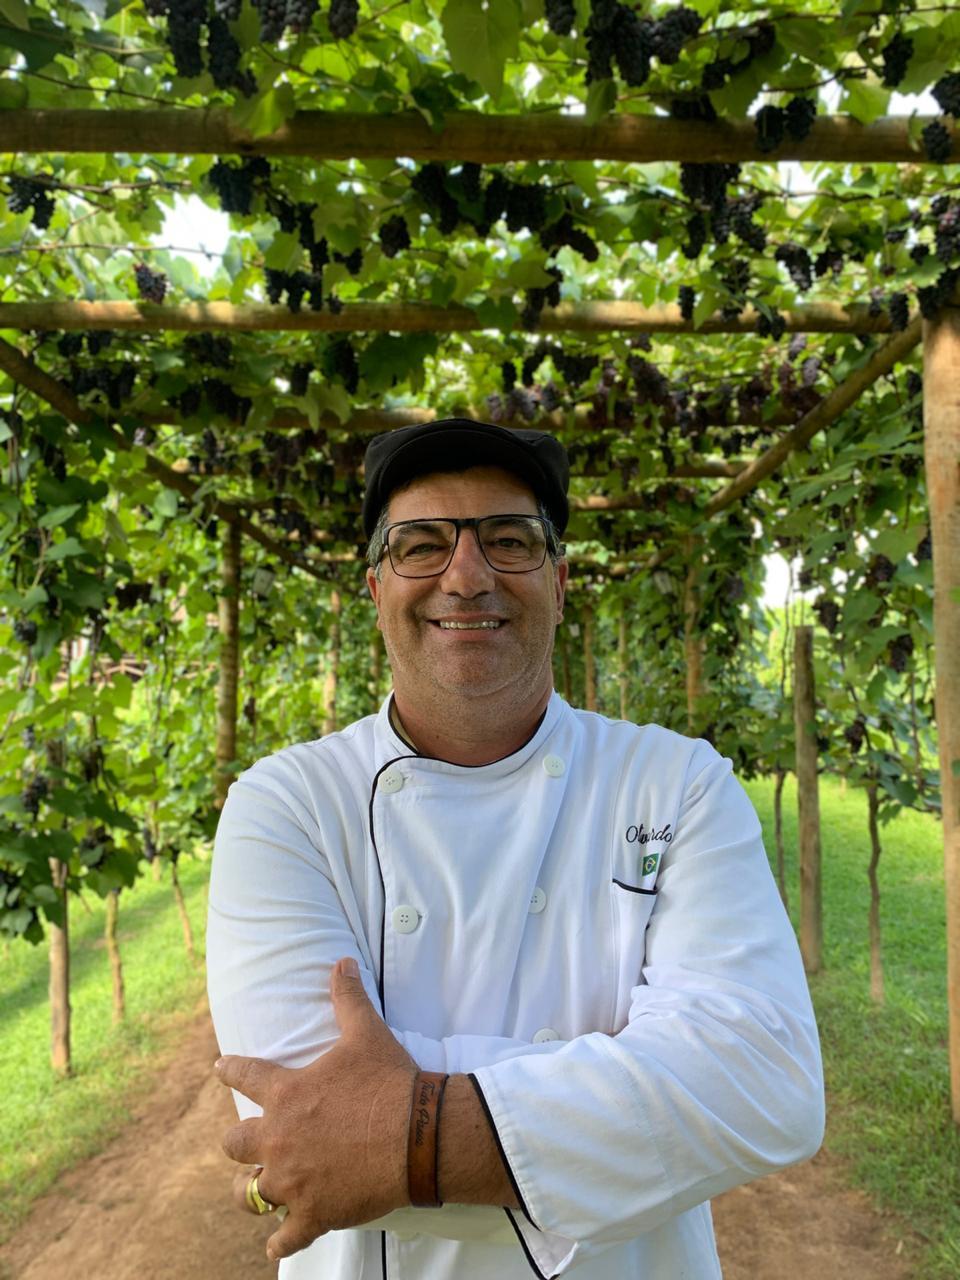 Colheita da uva acontece em restaurante do popular chef Olivardo Saqui